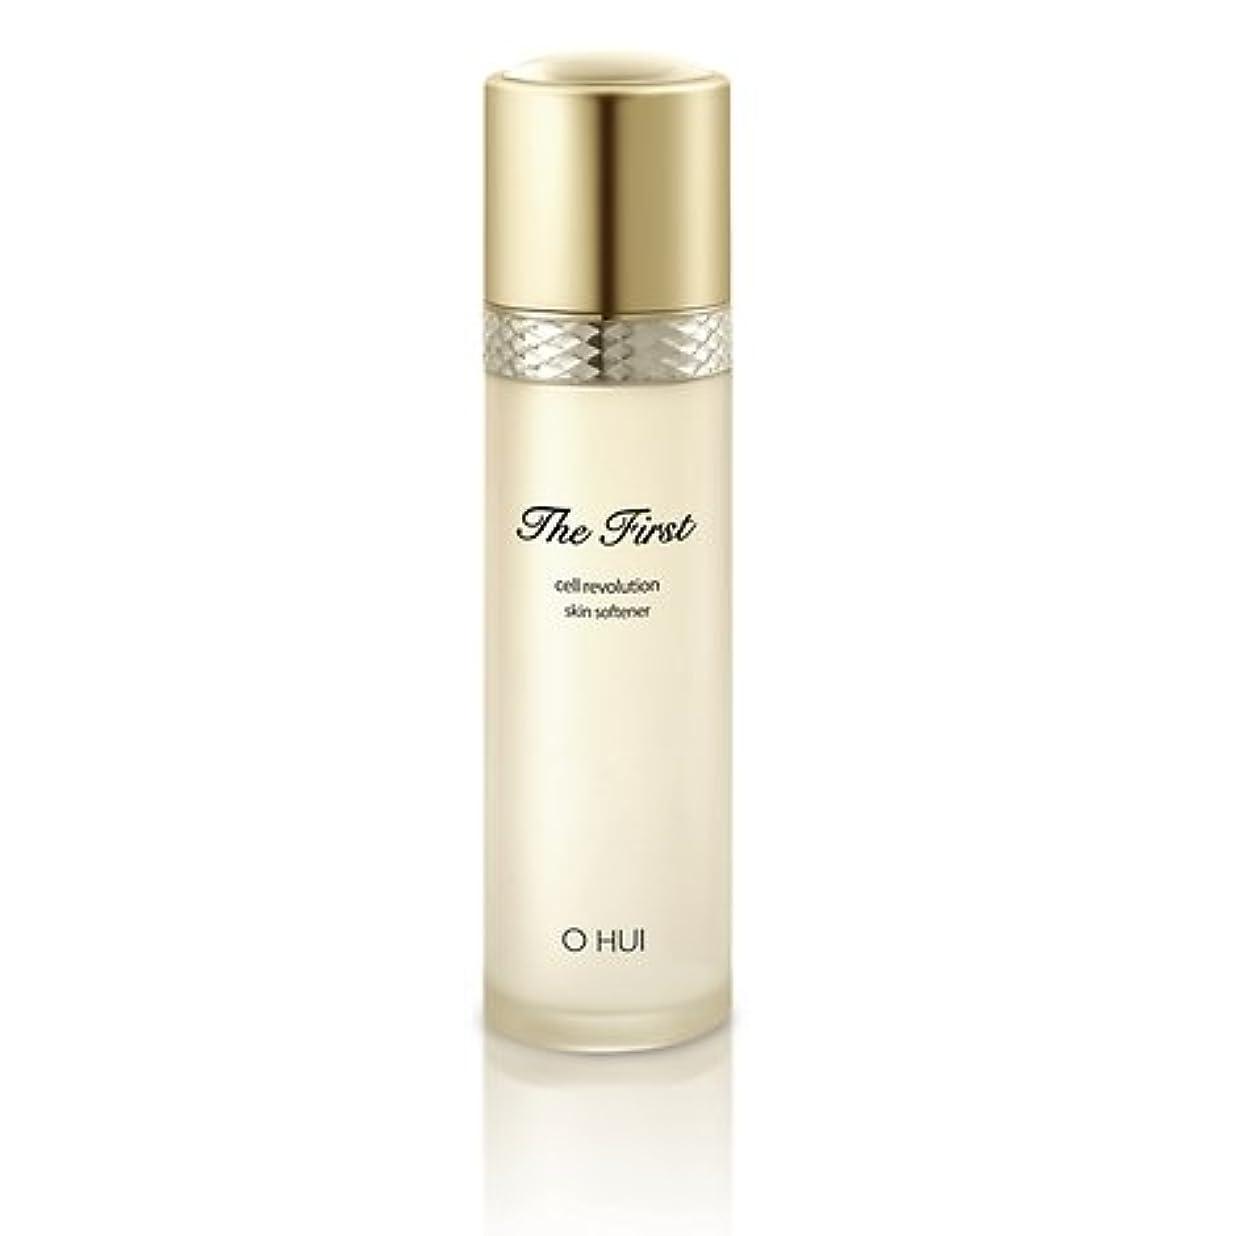 会議ペチュランス間違っているOhui The First Cell Revolution Skin Softener_150ml